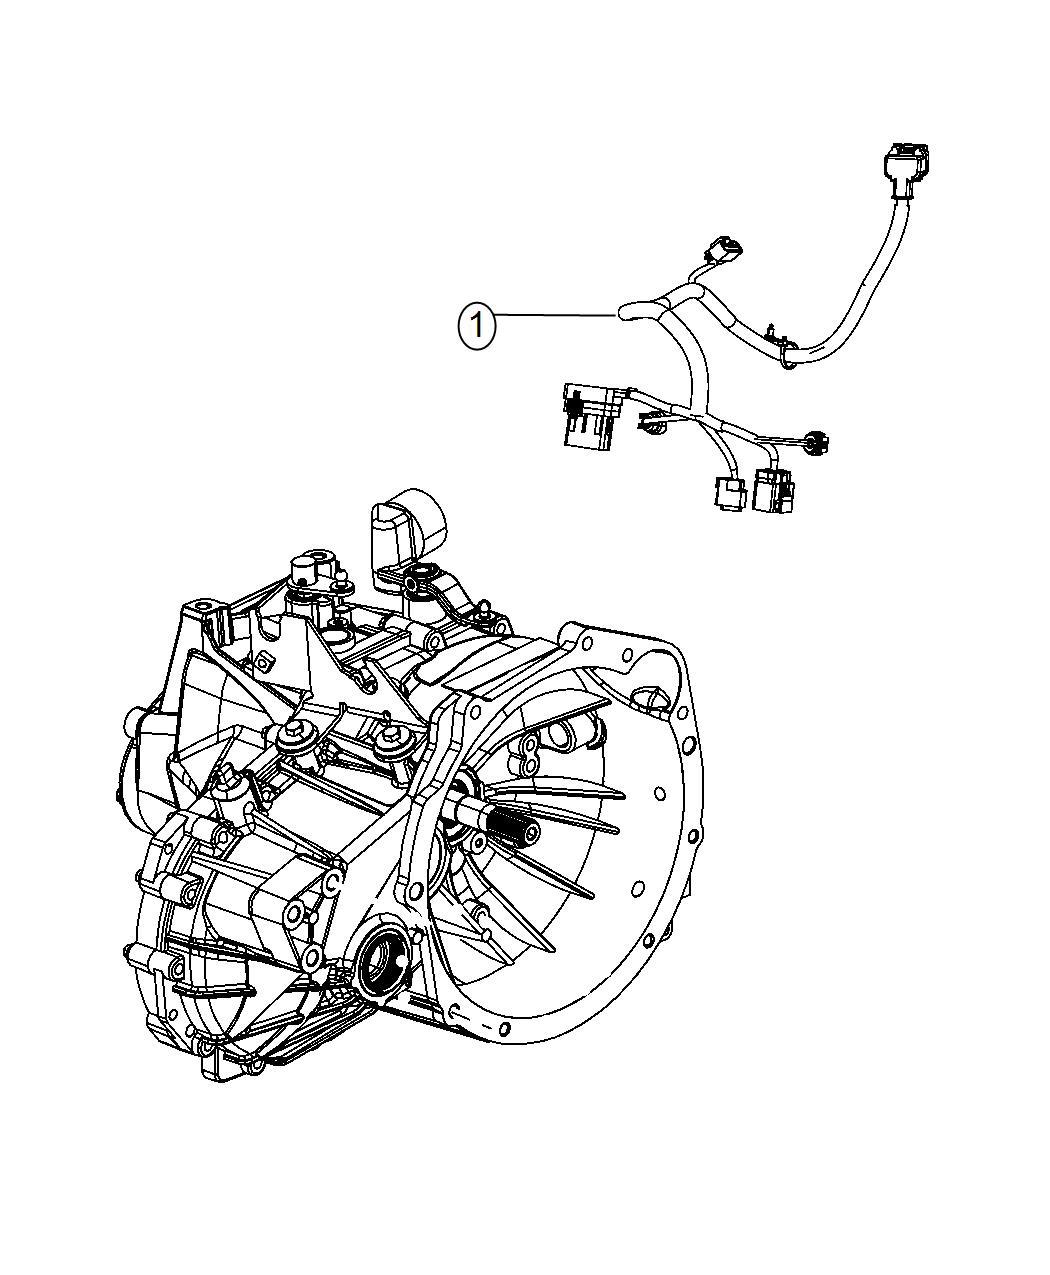 2016 Dodge Journey Wiring. Transmission. Mopar, lighting